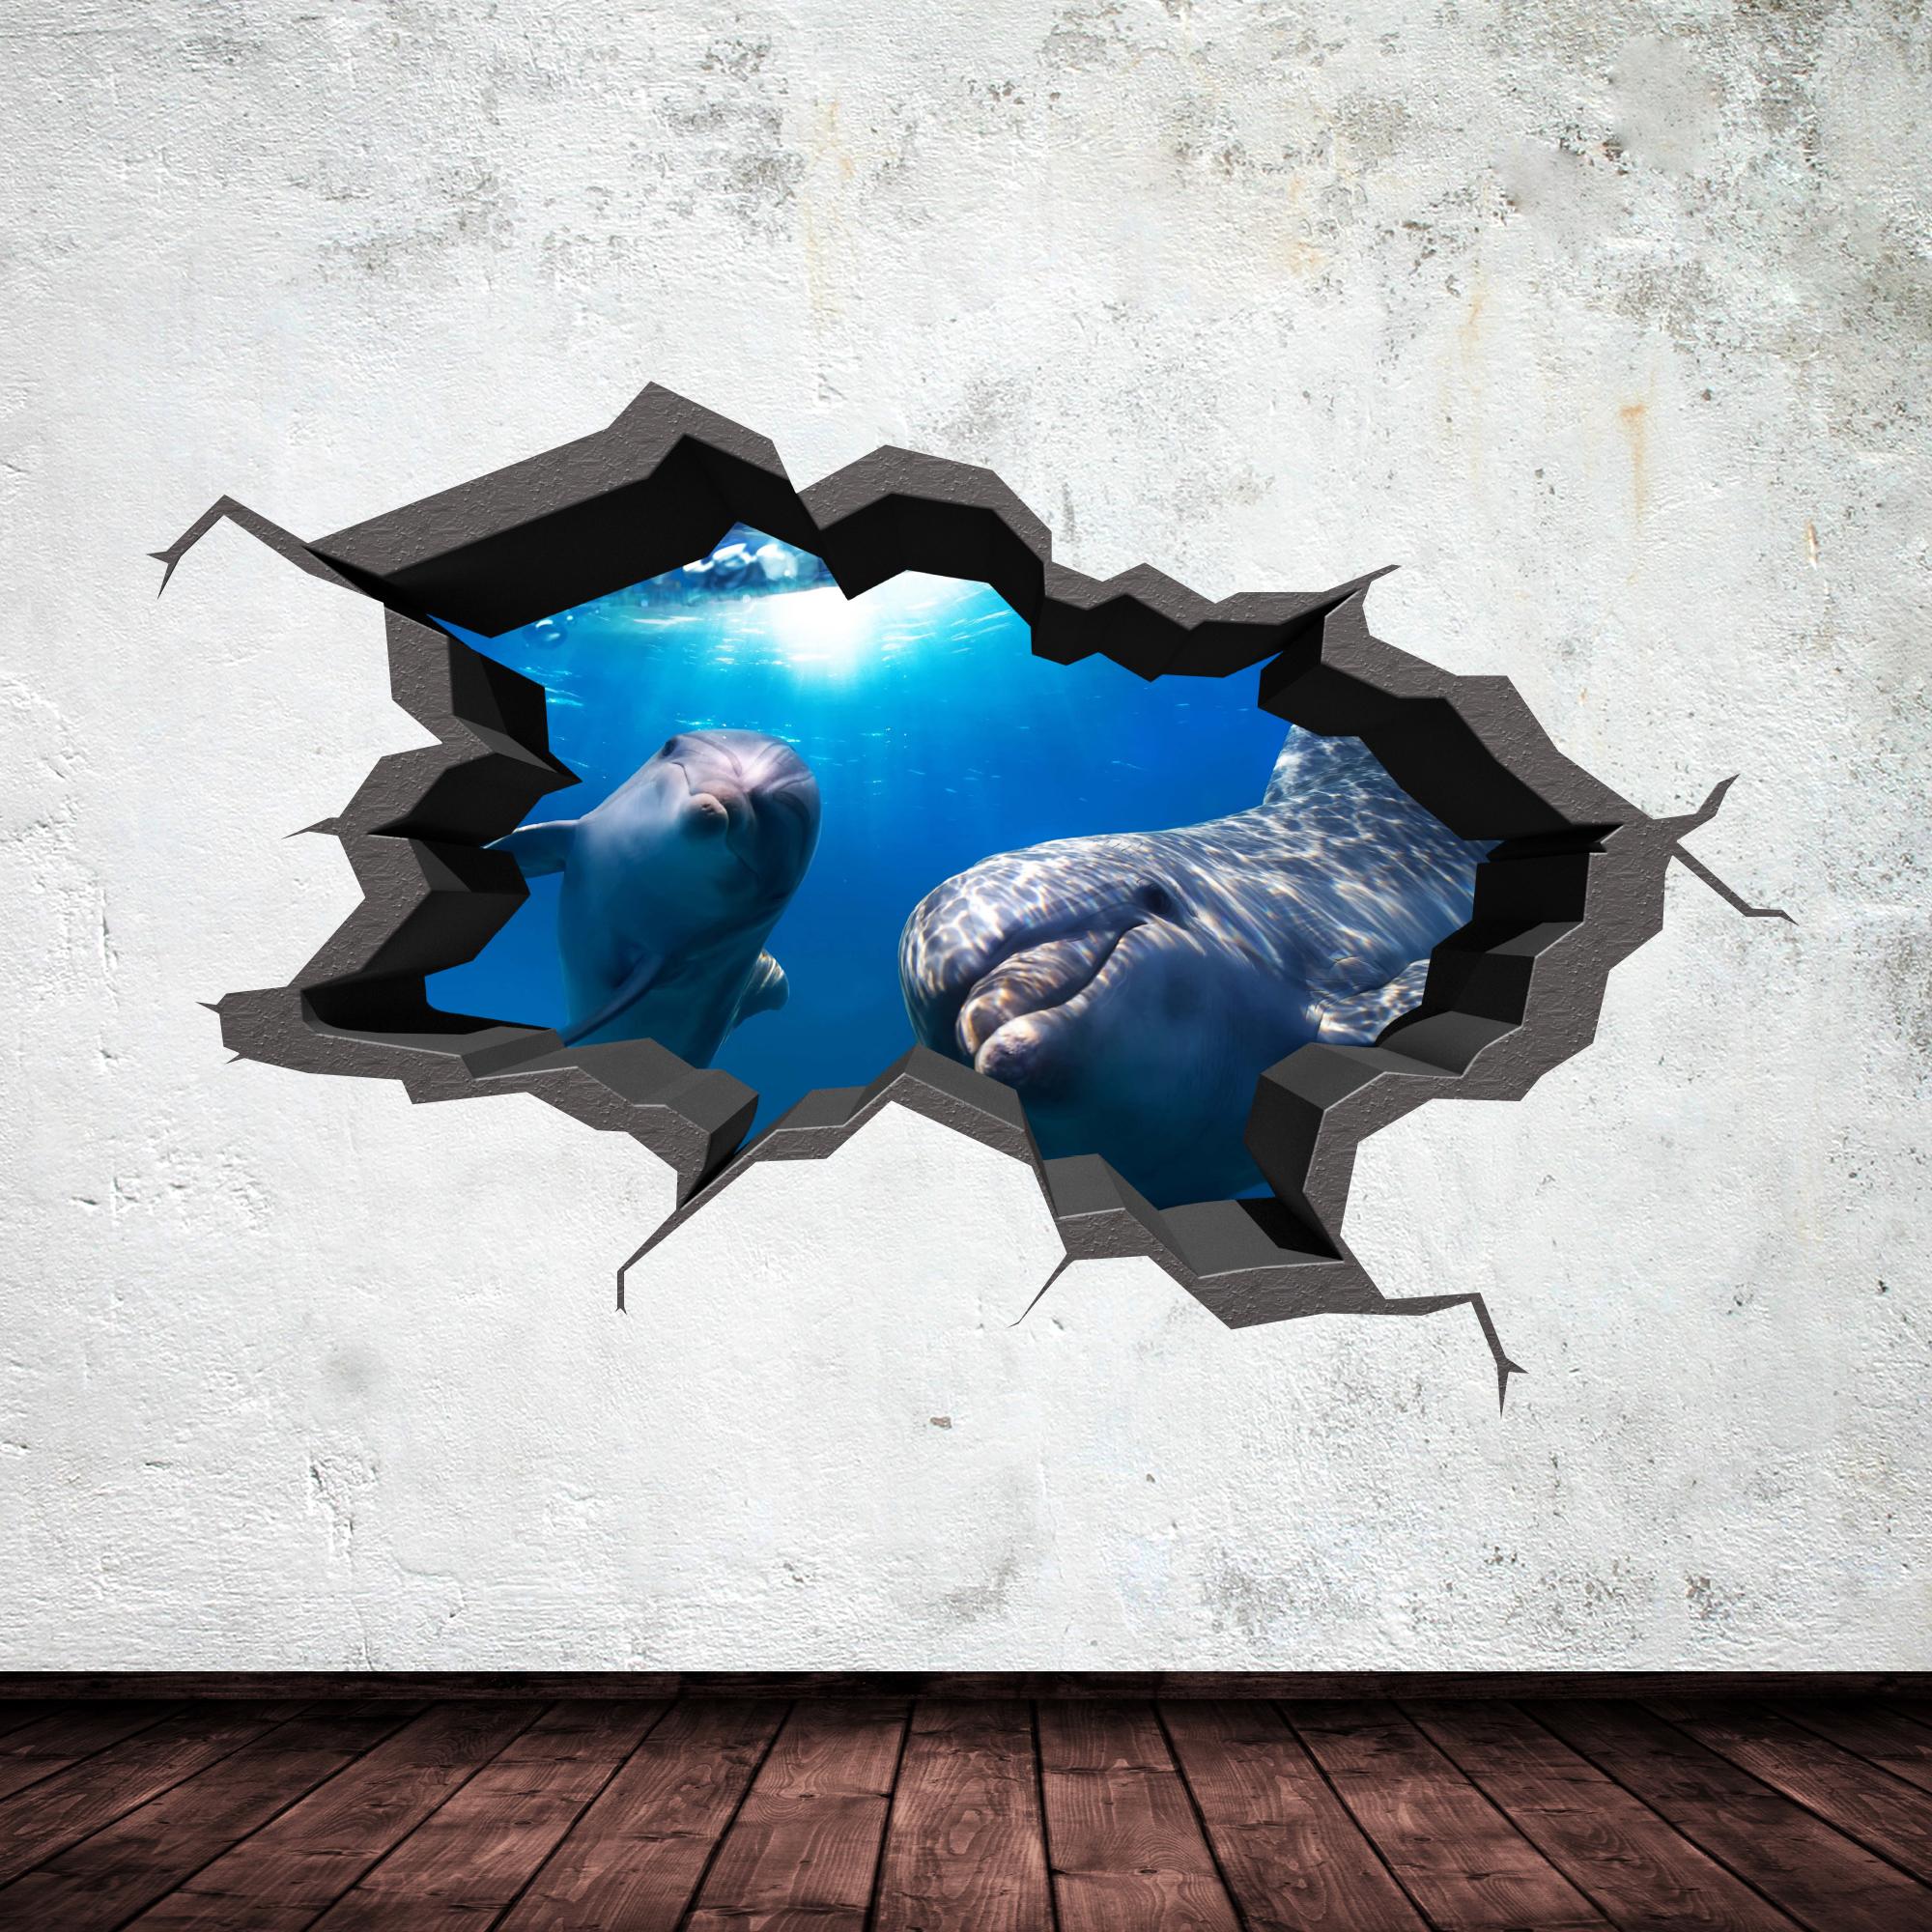 Full colour 3d aquarium dolphin under water cracked 3d wall art full colour 3d aquarium dolphin under water cracked 3d wall art sticker decal 9 amipublicfo Gallery